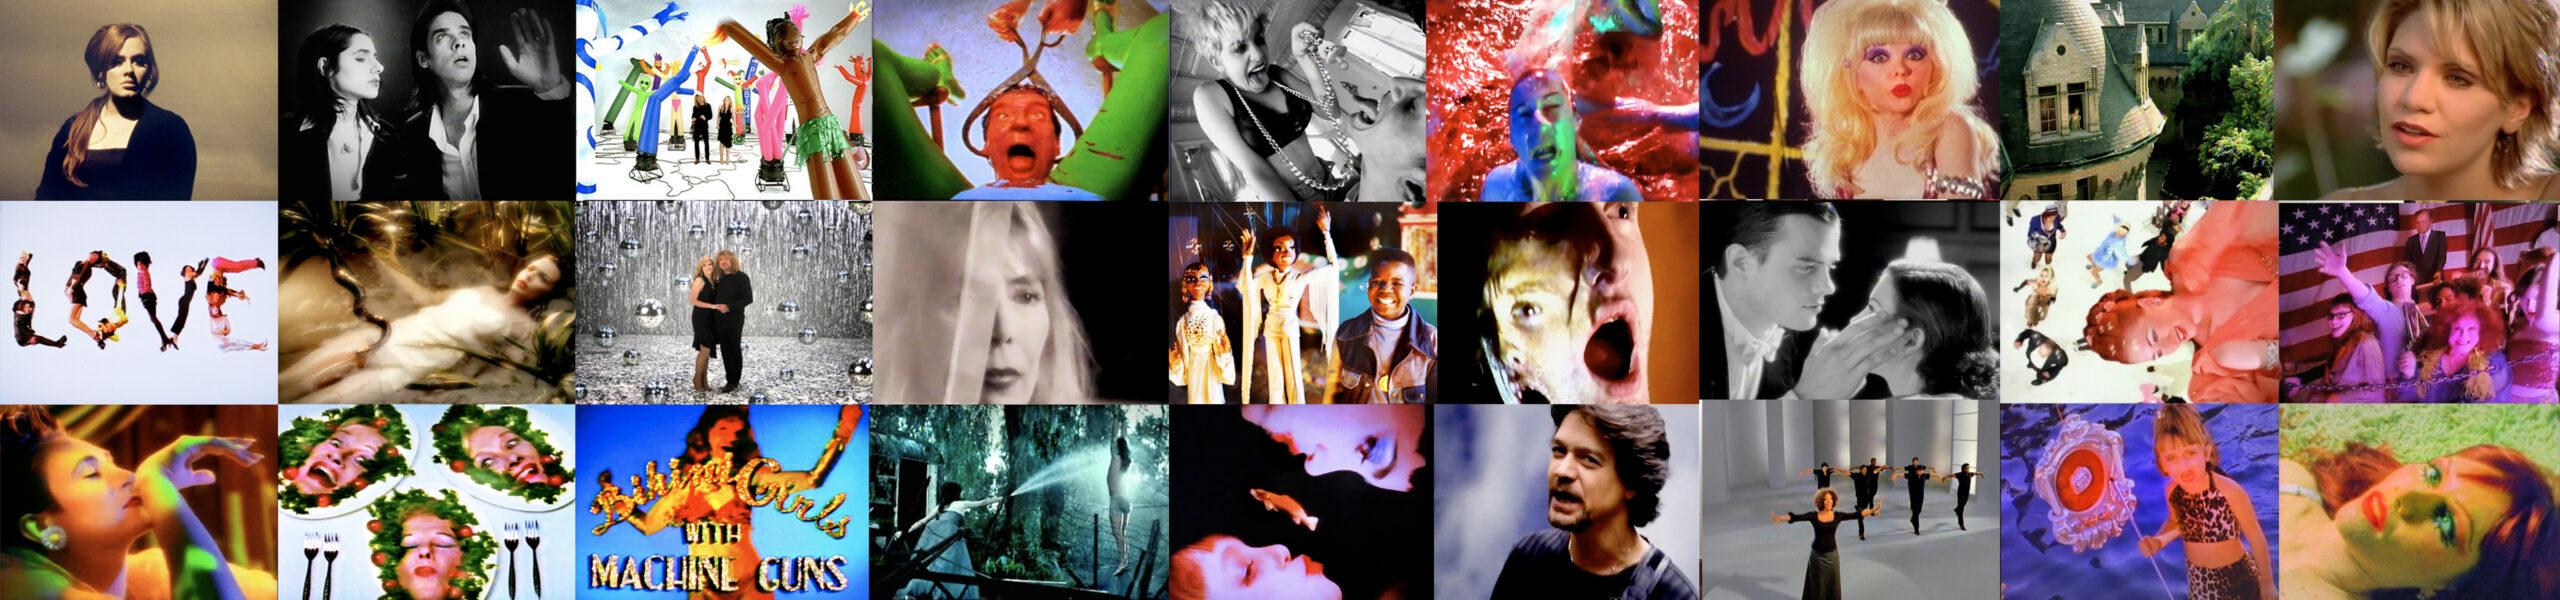 Rocky Schenck Music Videos